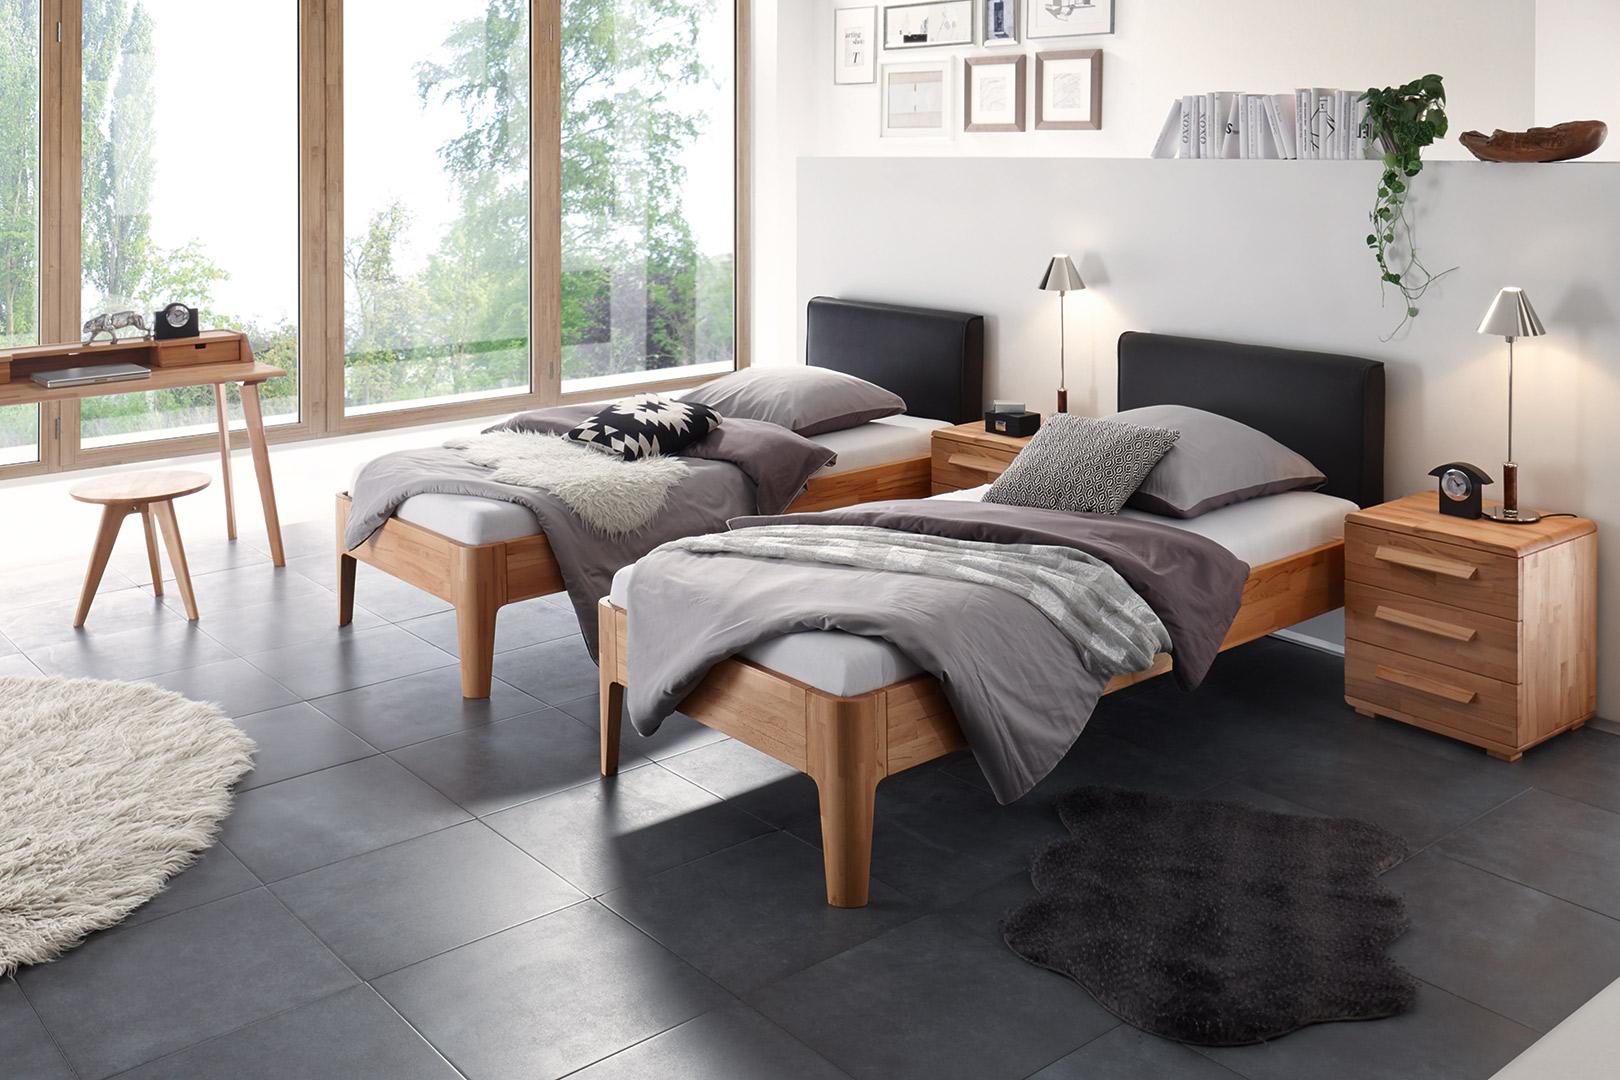 Einzelbett auch hochwertigem Massivholz mit Kopfteil selbst konfigurieren bei Sitec Schlafsysteme